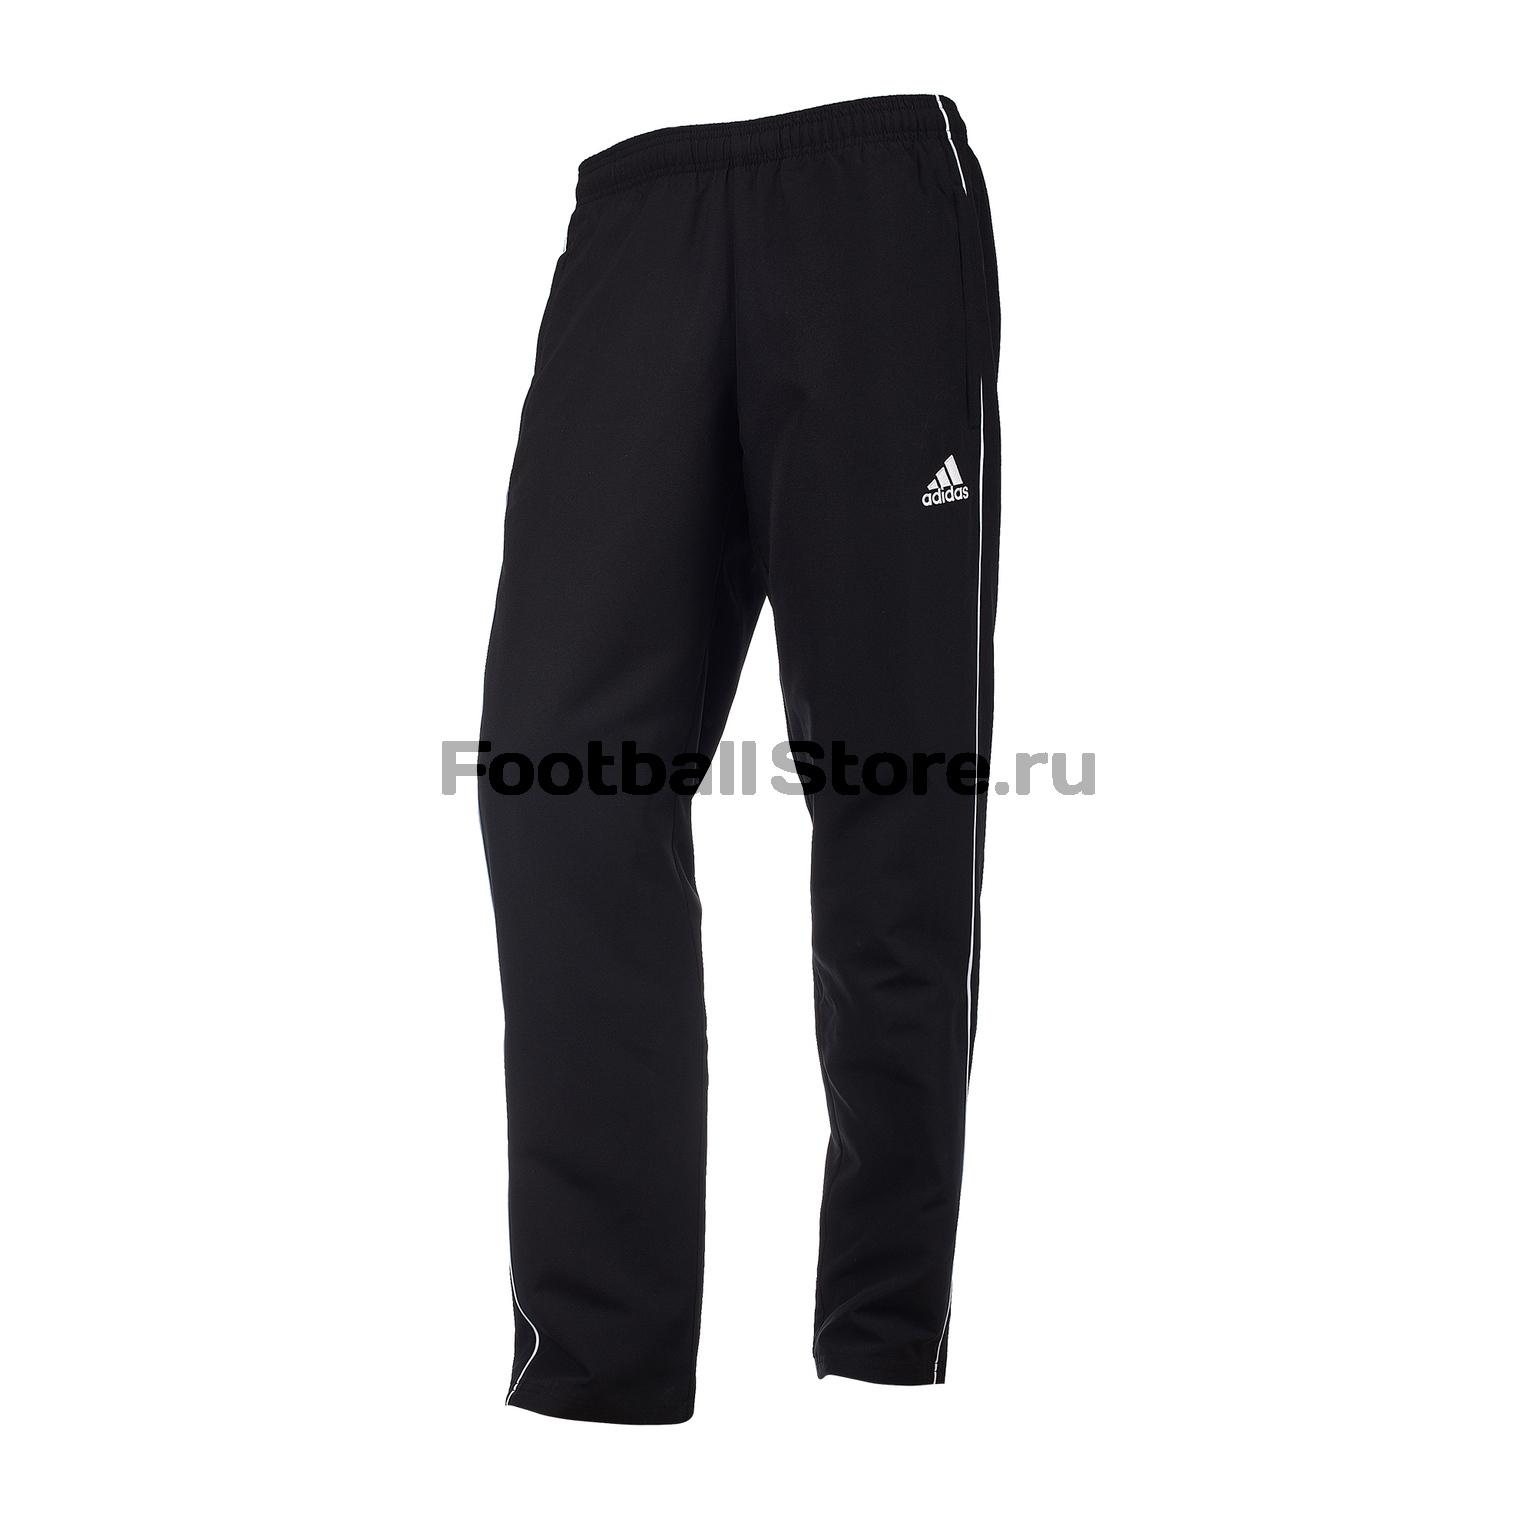 Брюки тренировочные Adidas Core18 Pre Pnt CE9045 цена